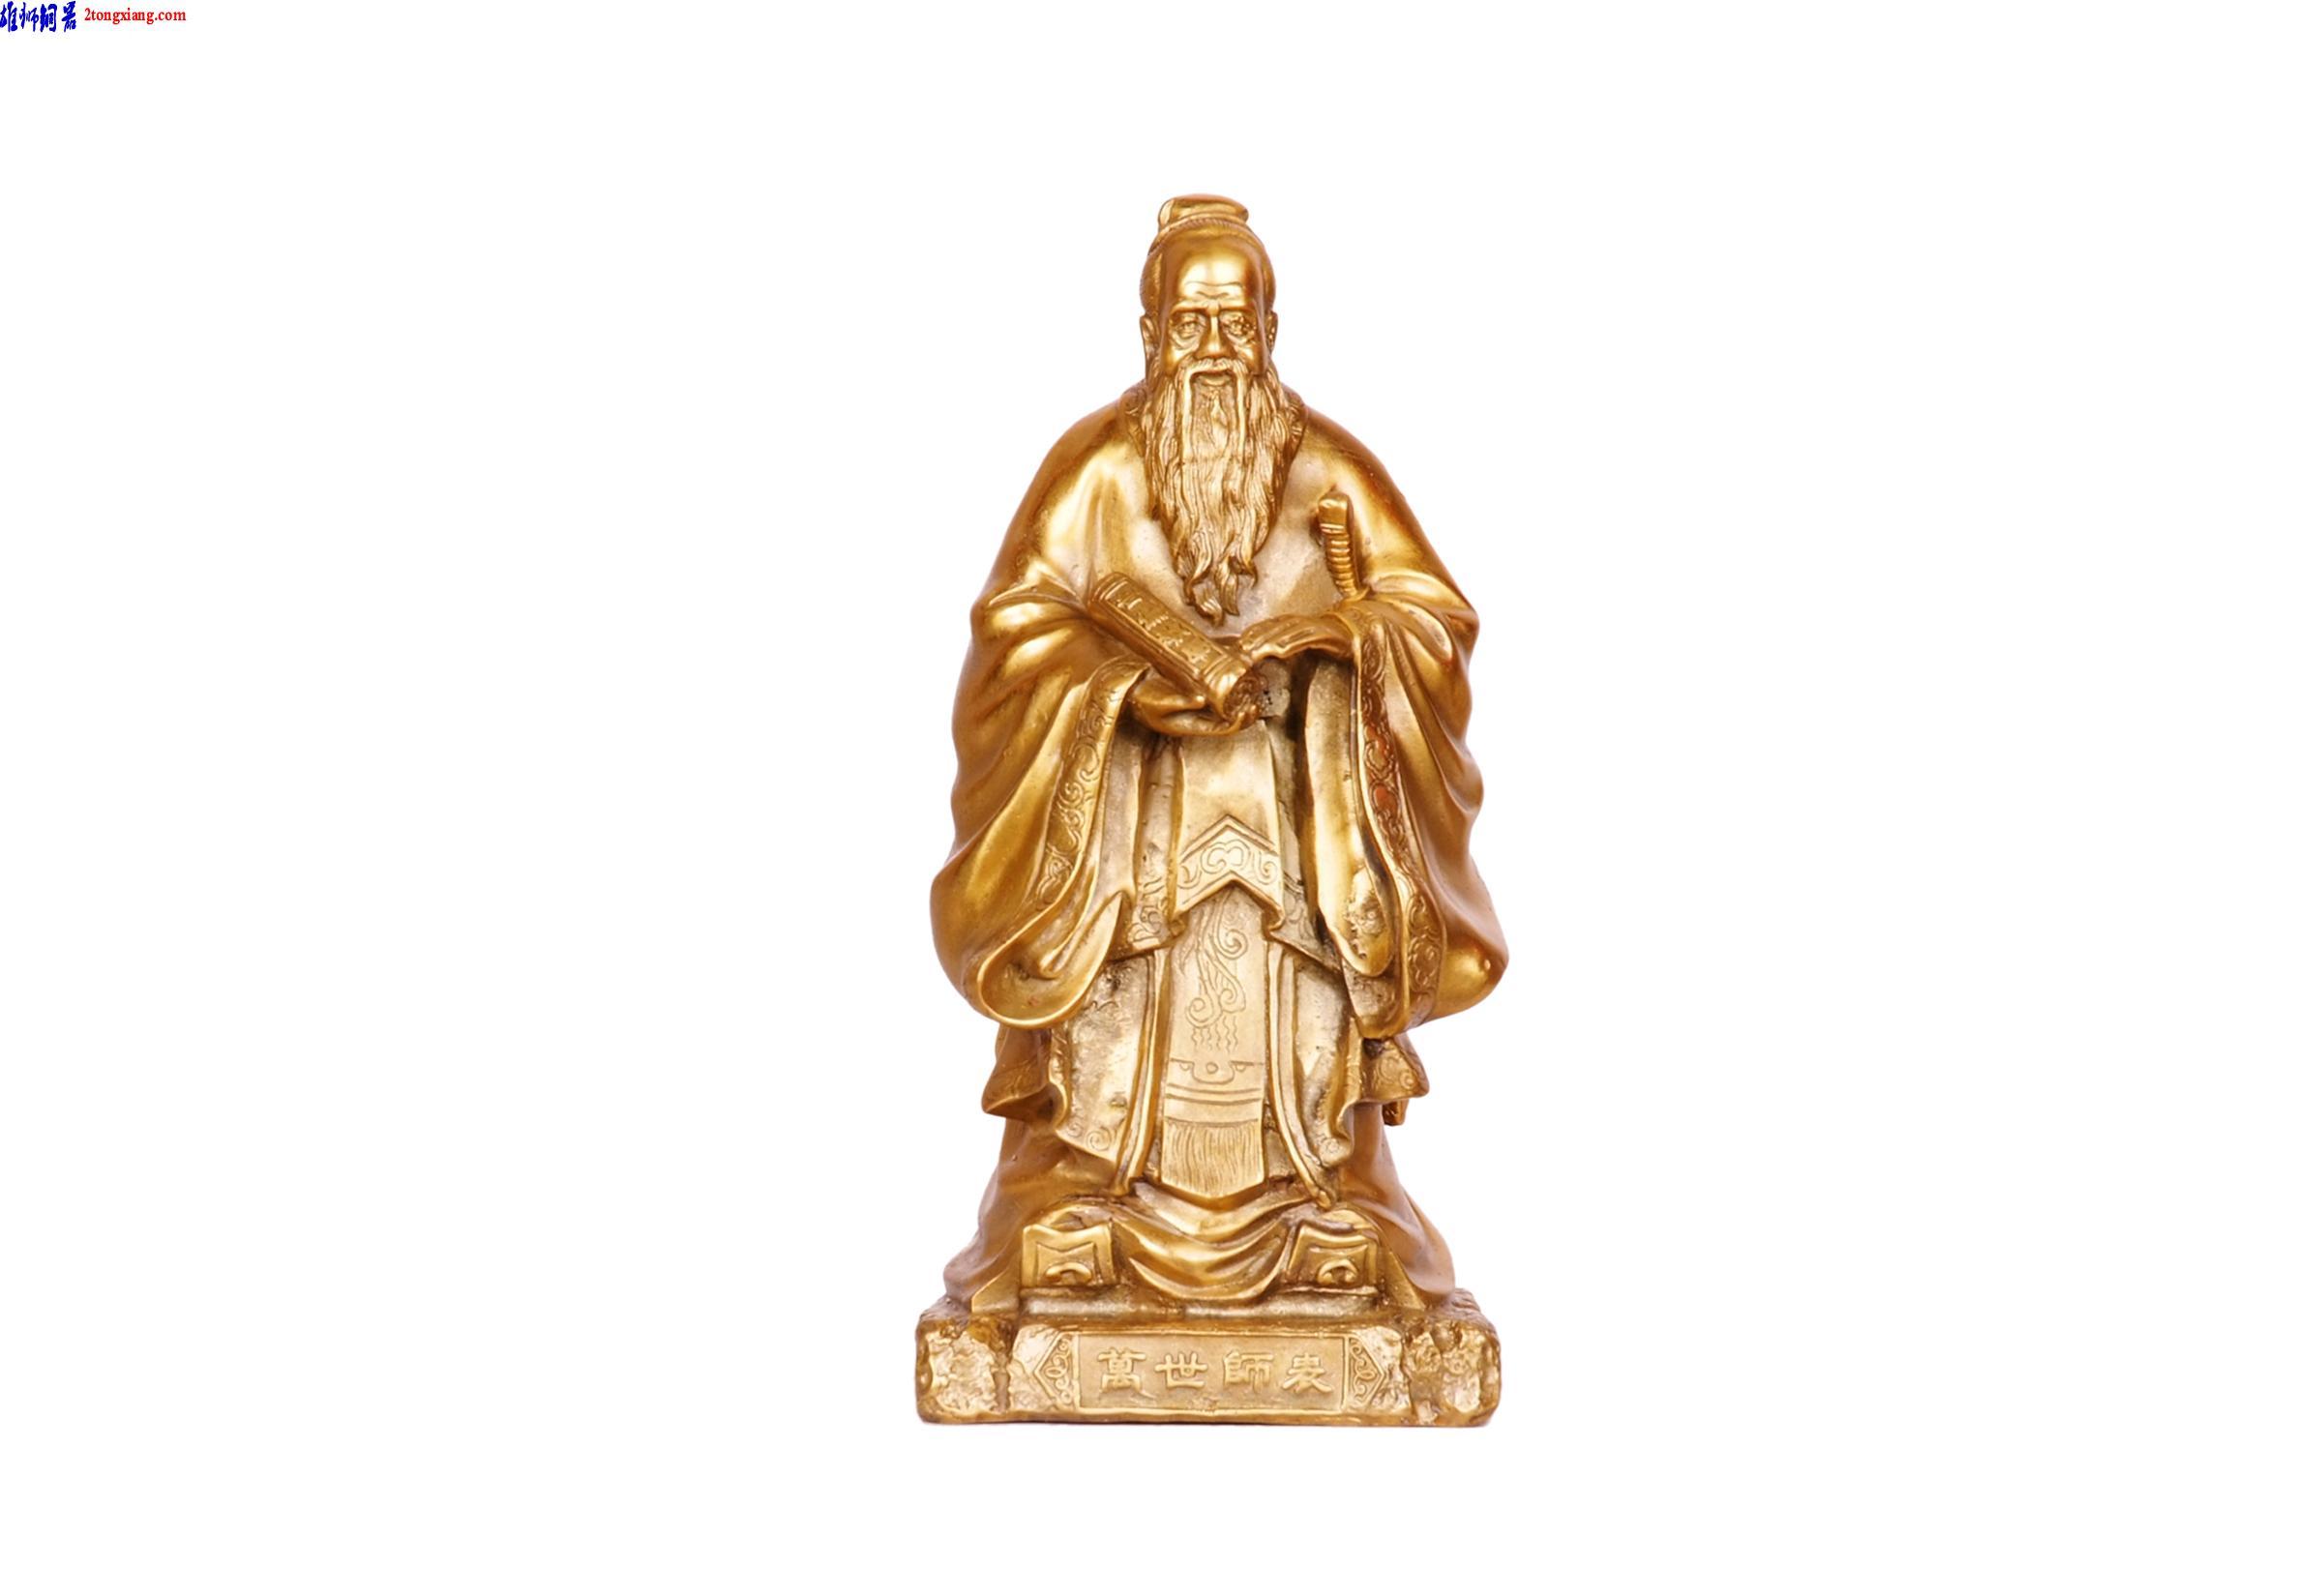 欧式铜工艺品摆件图片  生产厂家:                          雄狮